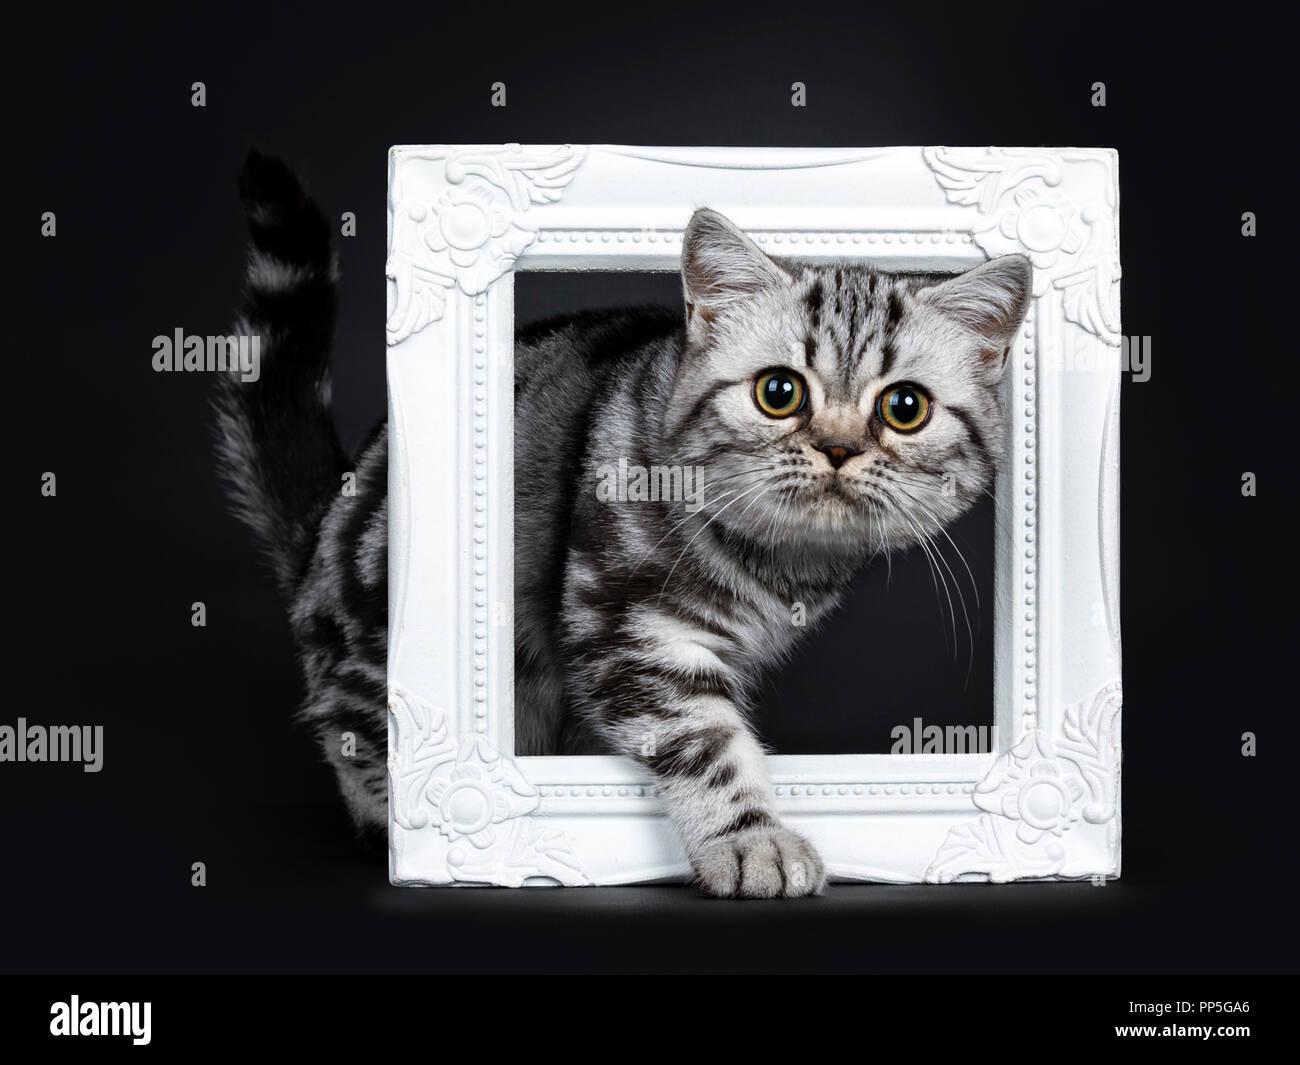 Titel: sorprendente carino nero silver tabby British Shorthair gattino lato permanente modi attraverso un bianco pictureframe, guardando dritto in una lente, isolat Immagini Stock